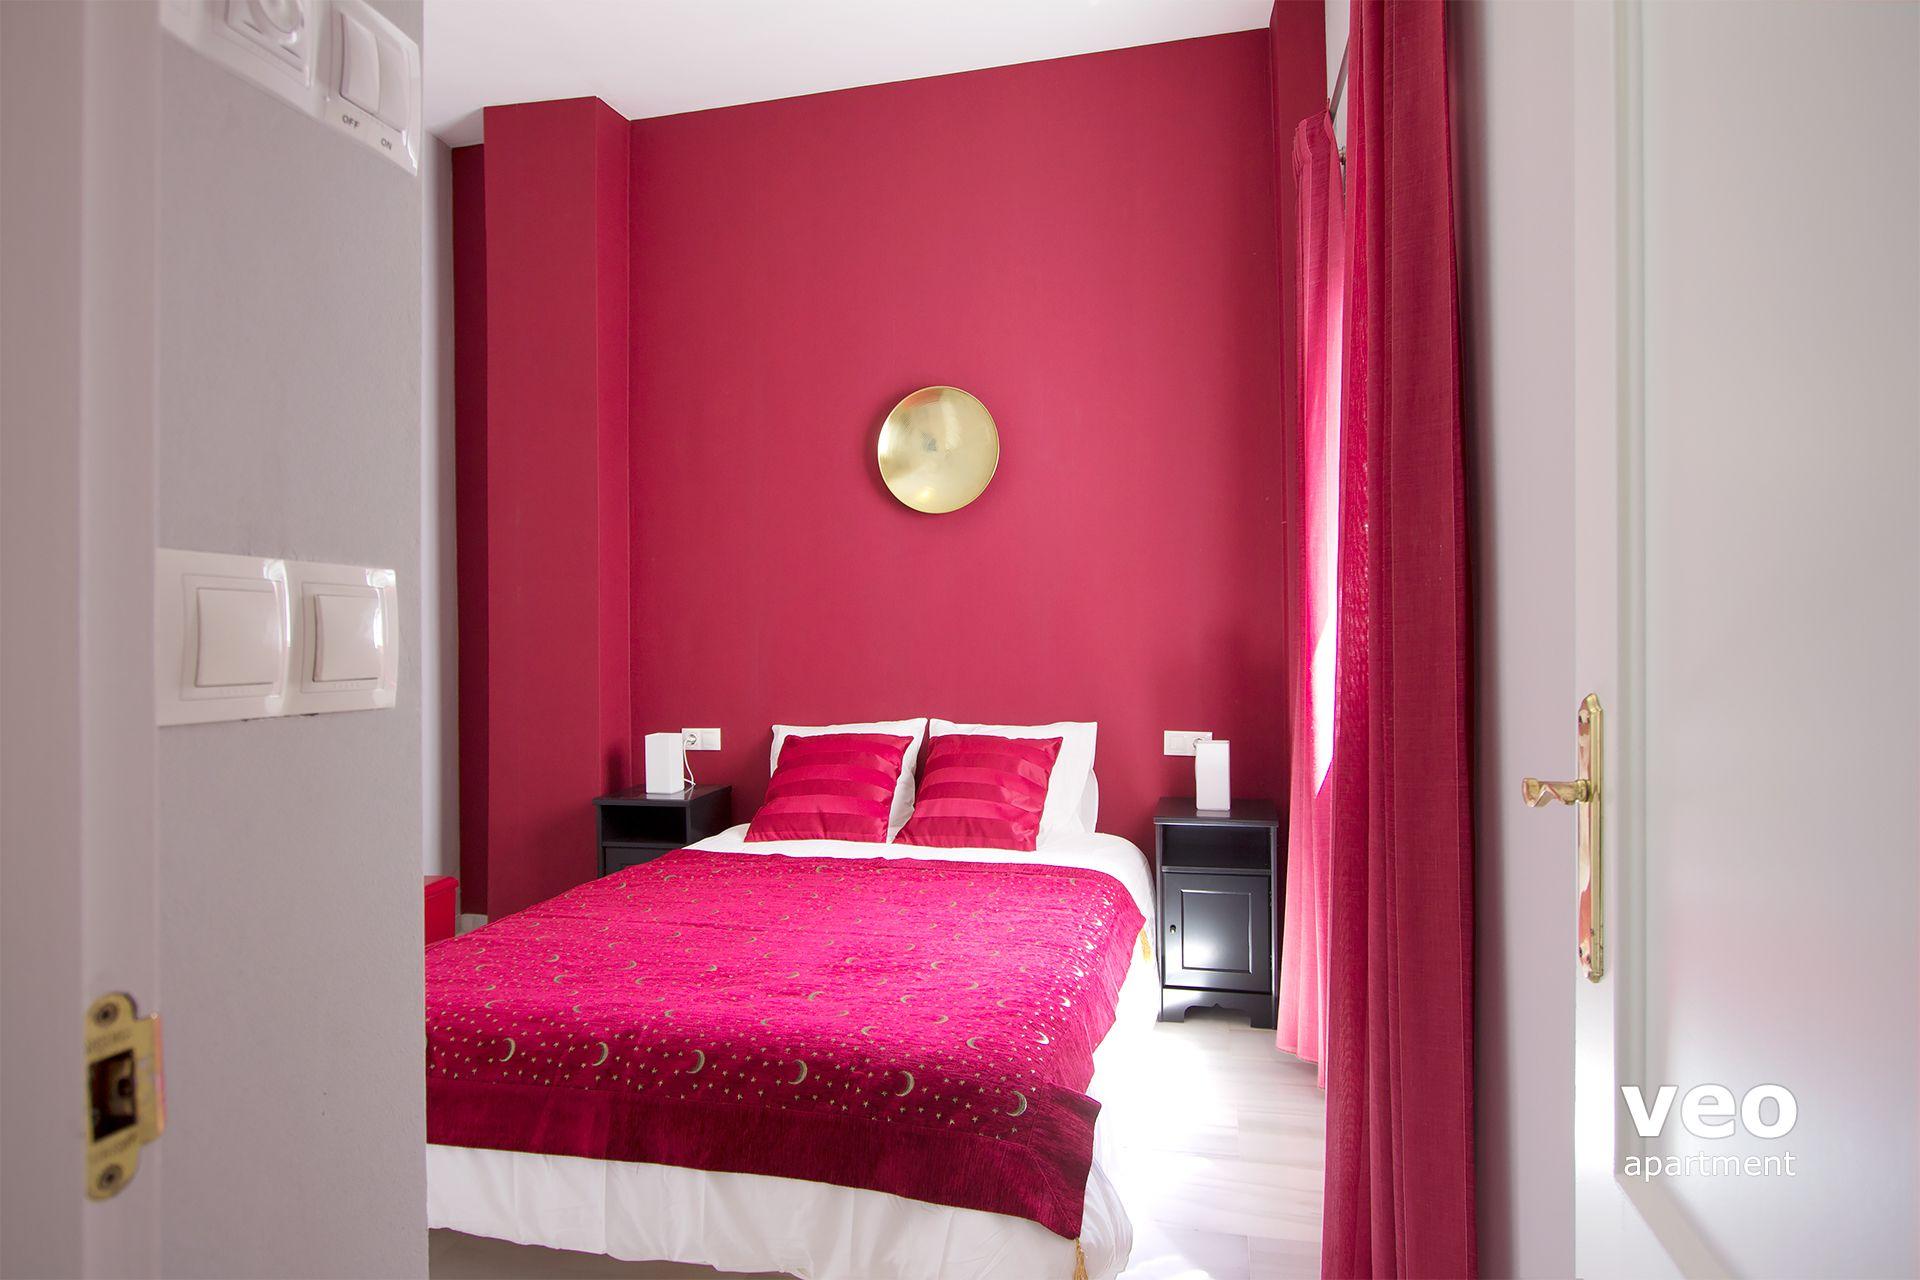 Sevilla apartmento calle pureza sevilla espa a triana for Alquiler de apartamentos por dias en sevilla